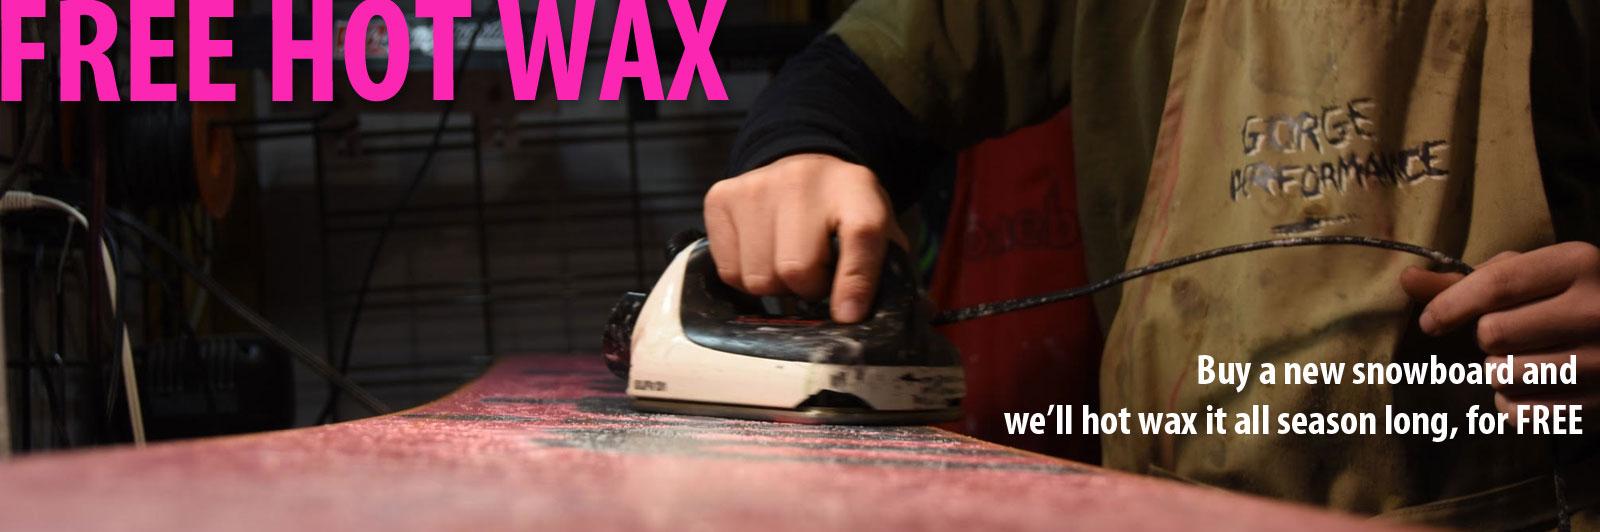 Free Hot Wax